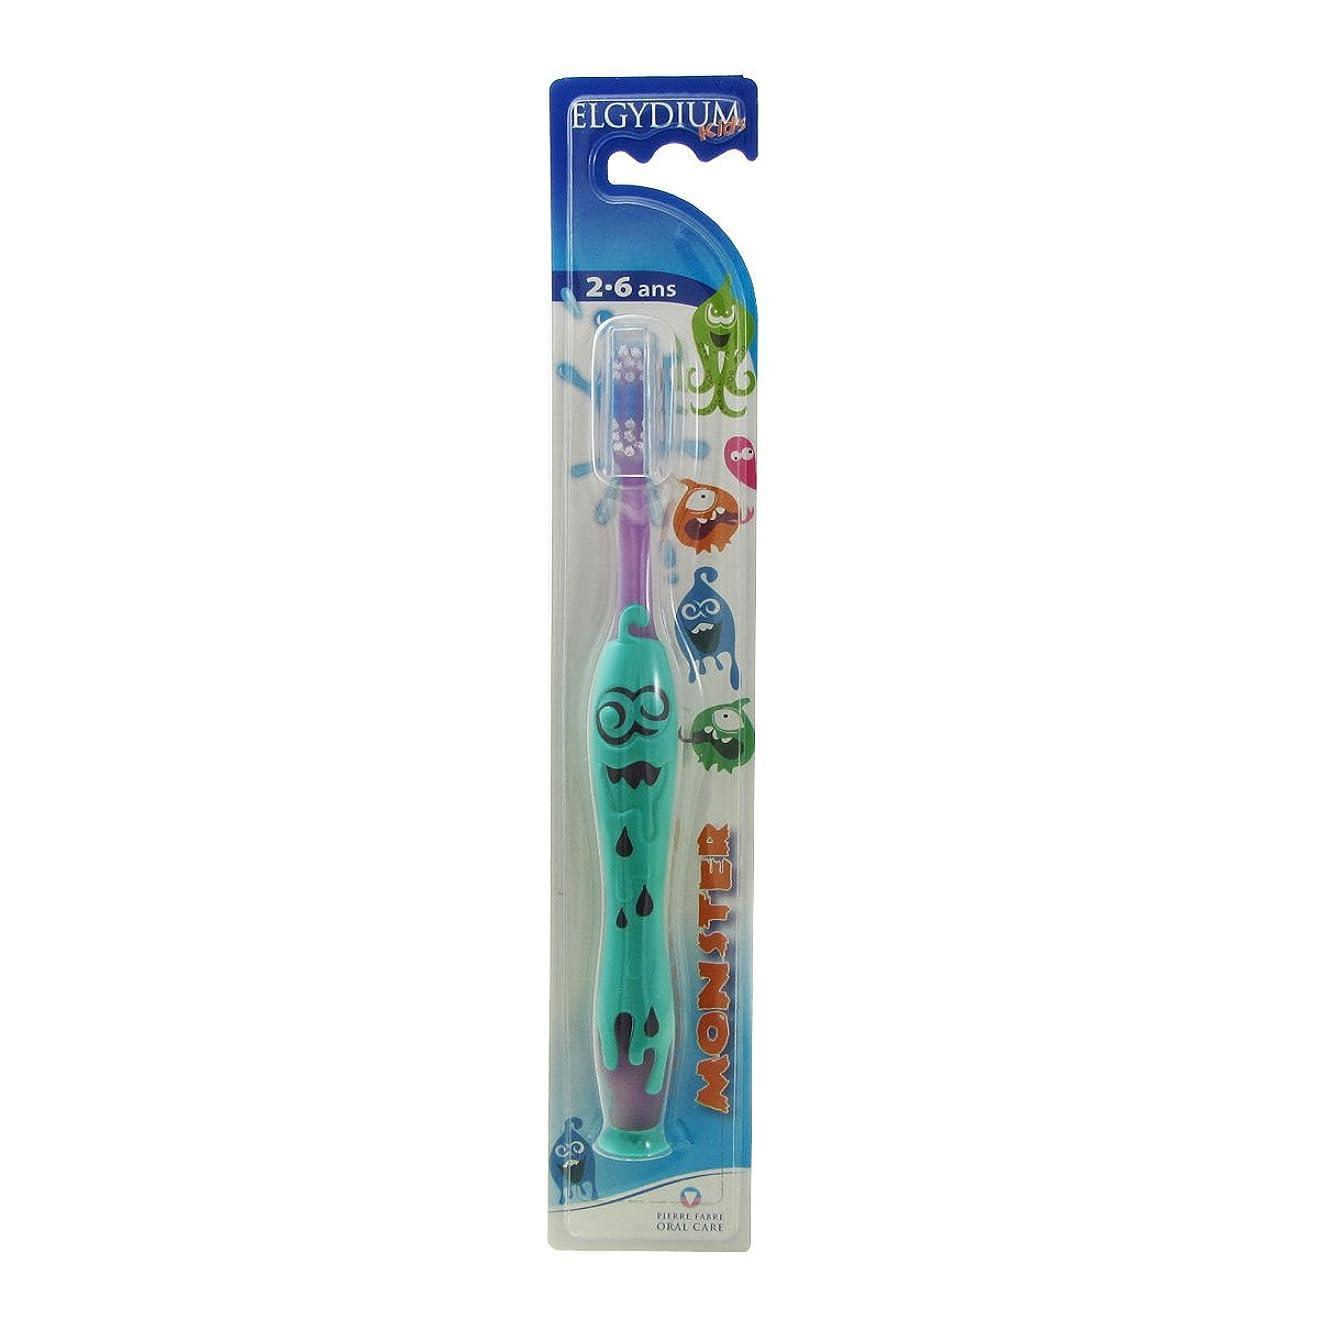 エリート悪名高い宇宙のElgydium Kids Monster 2/6 Soft Toothbrush [並行輸入品]